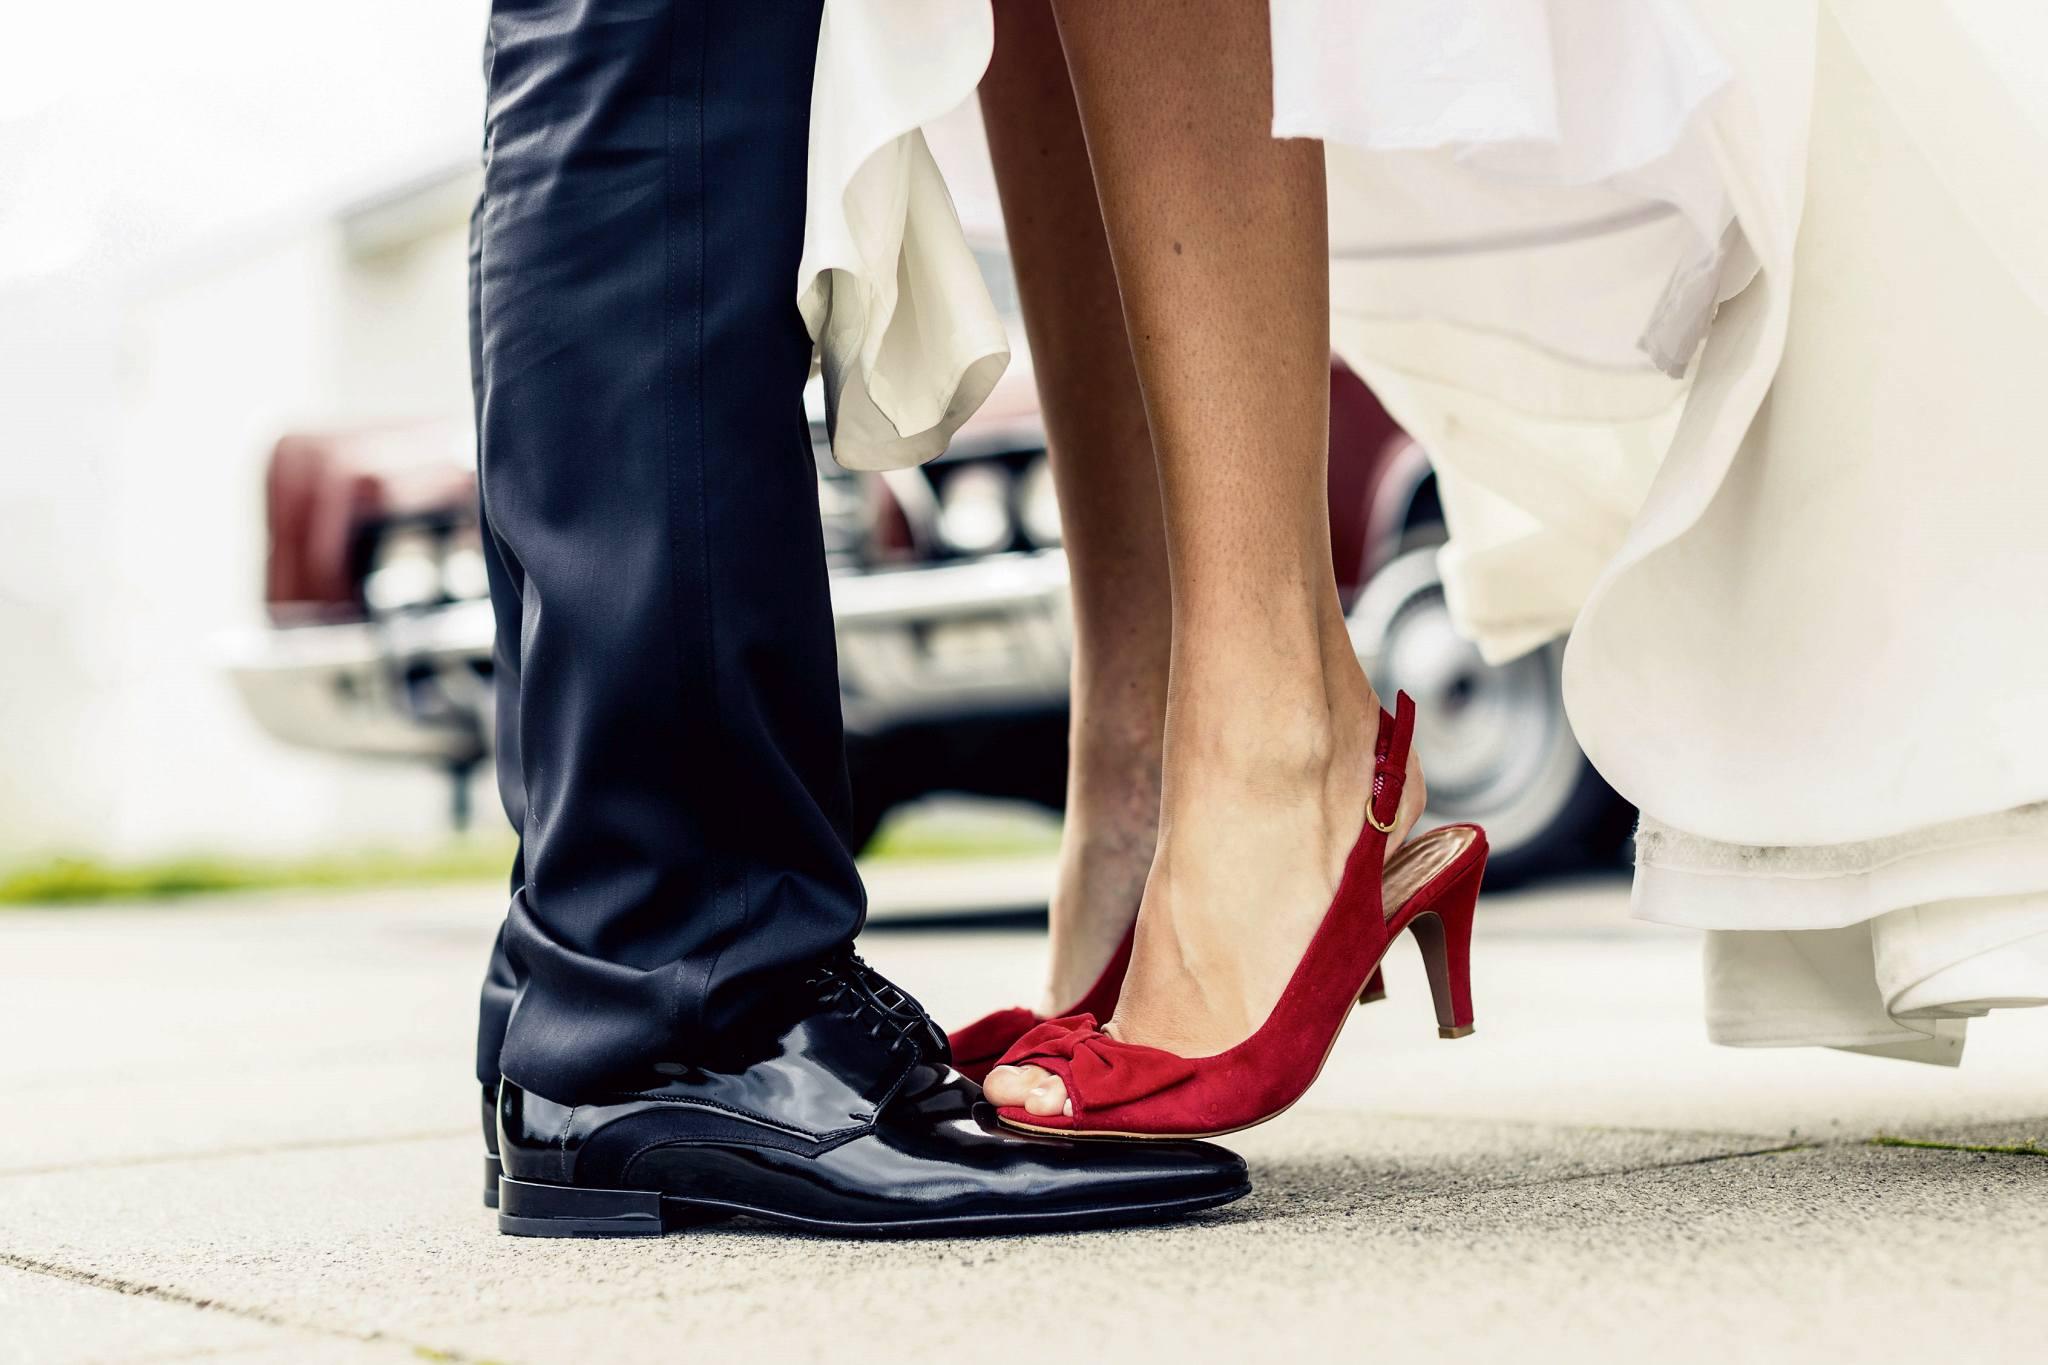 gehuwd na het dateren van één jaar regels van dating 2005 izle